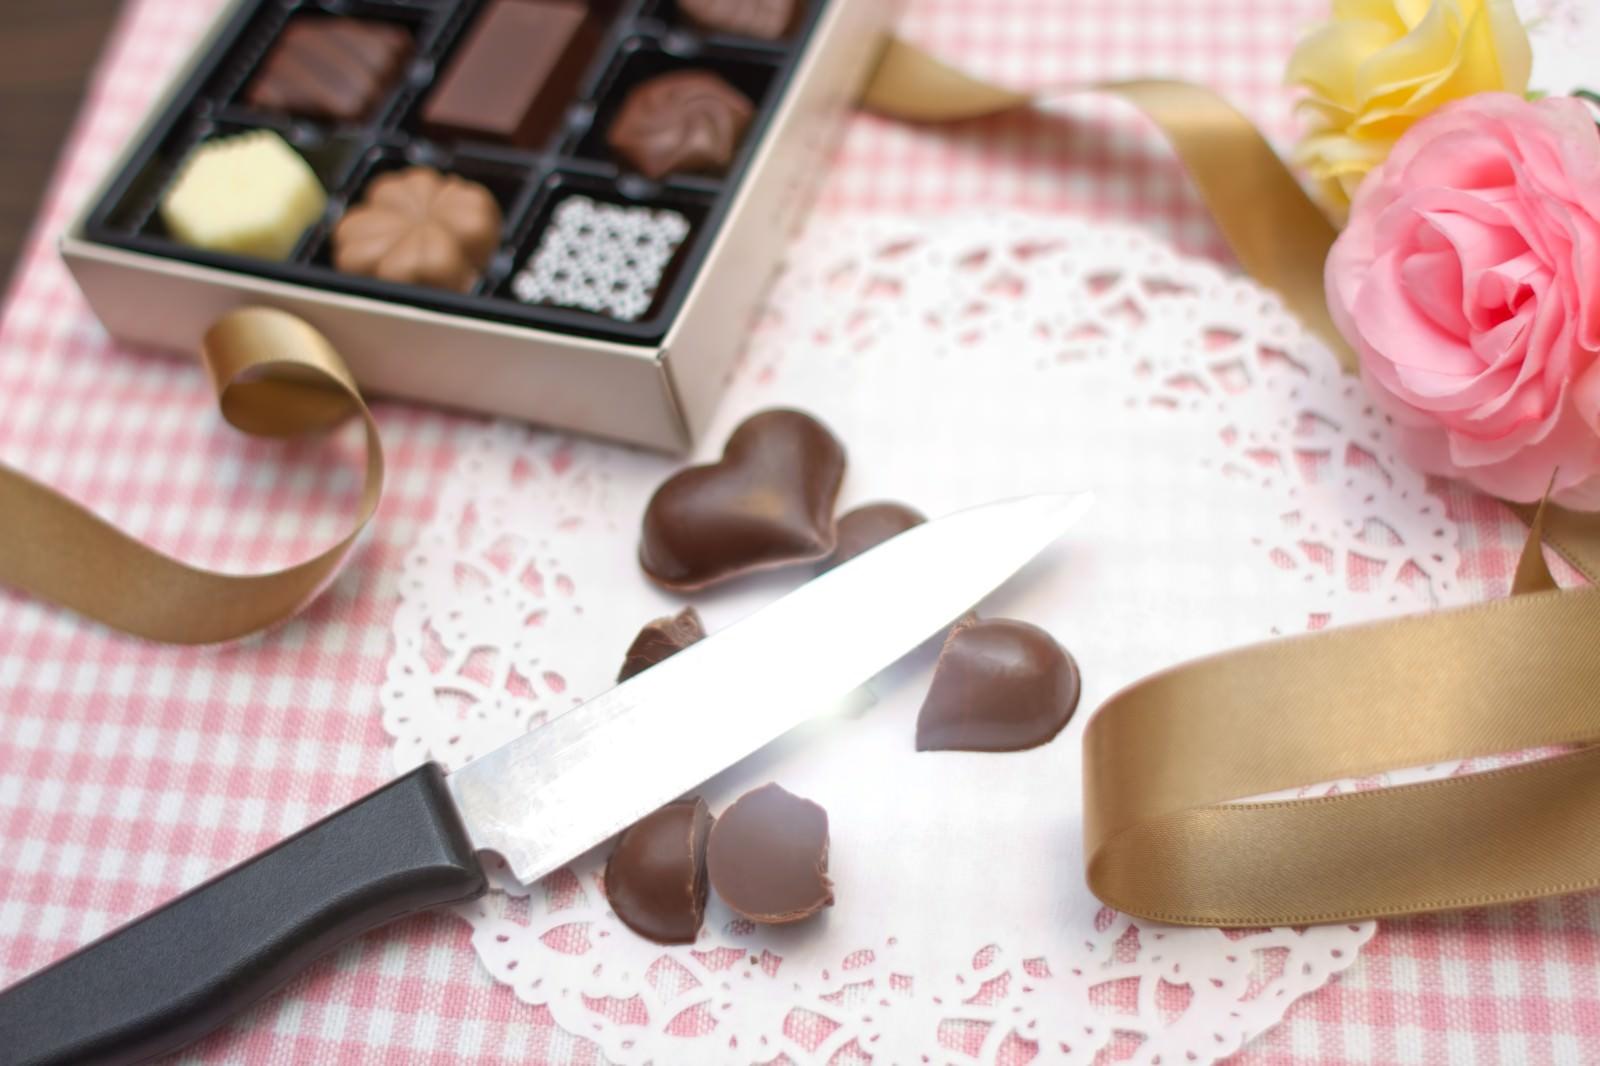 「バレンタインが失敗に終わりハート型のチョコを破棄する。」の写真